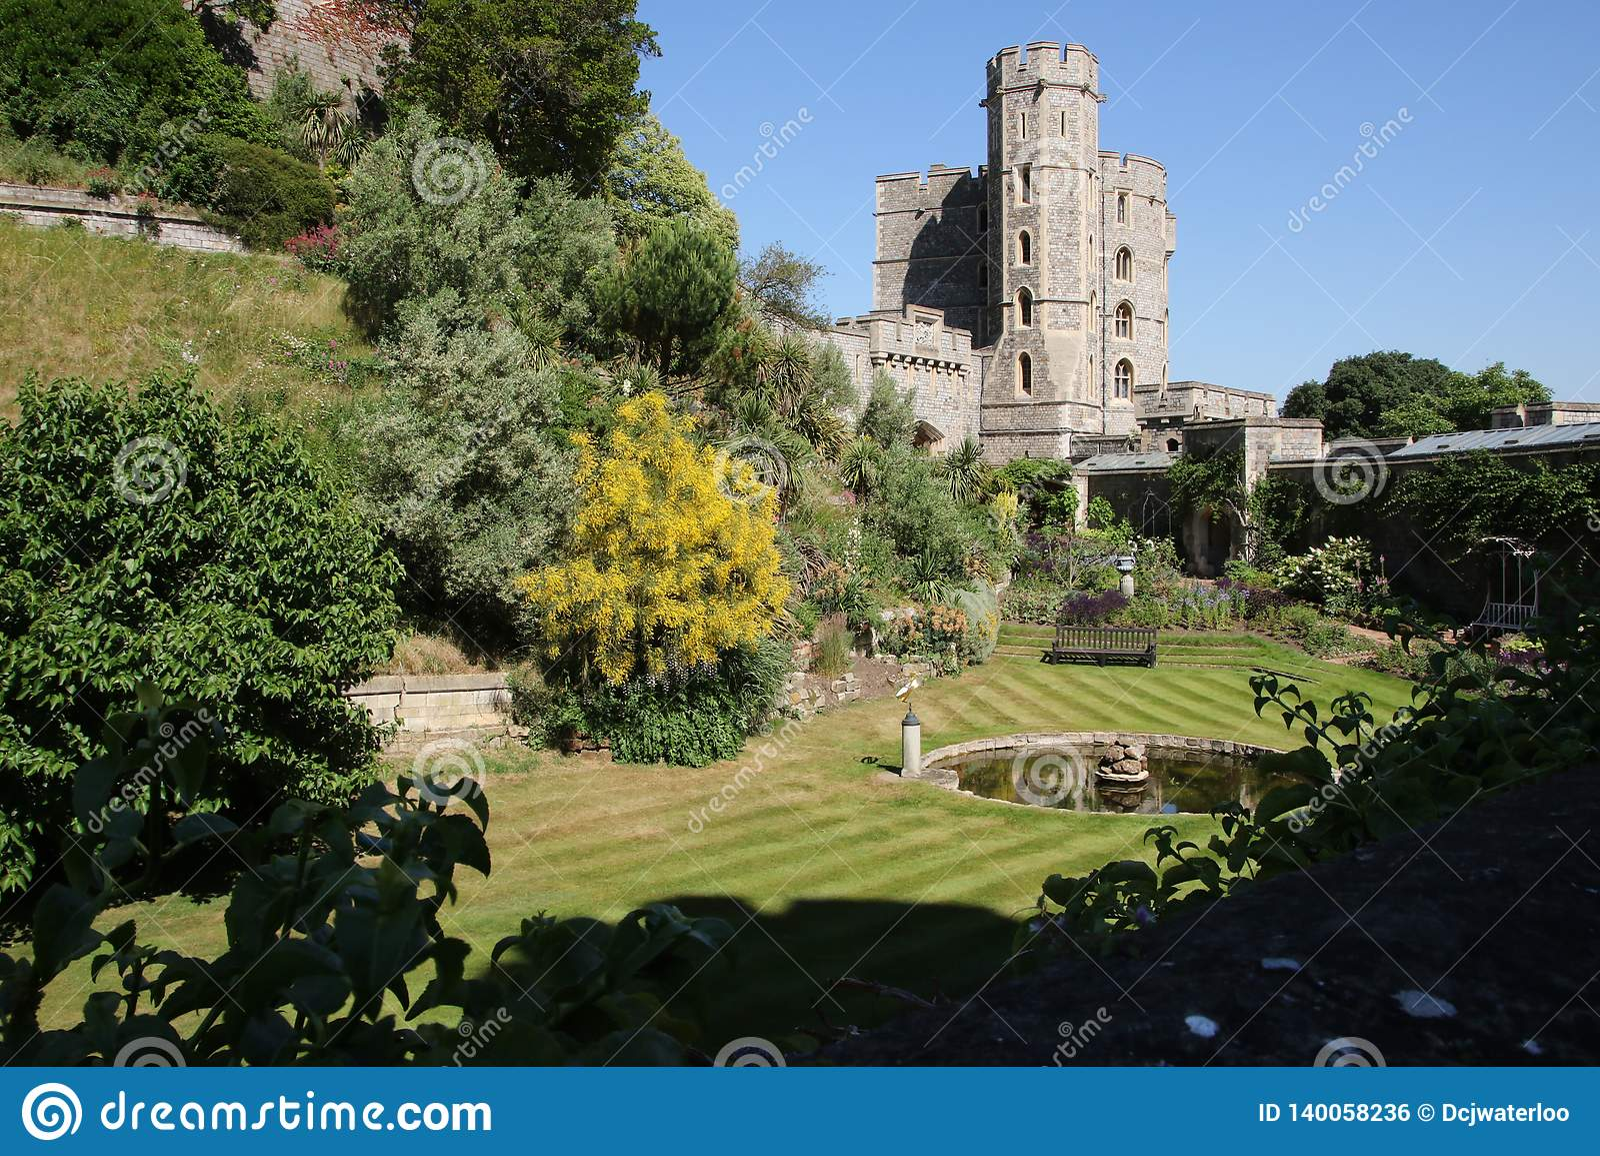 Κήπος και πηγή του Castle Windsor μια ασυννέφιαστη θερινή ημέρα